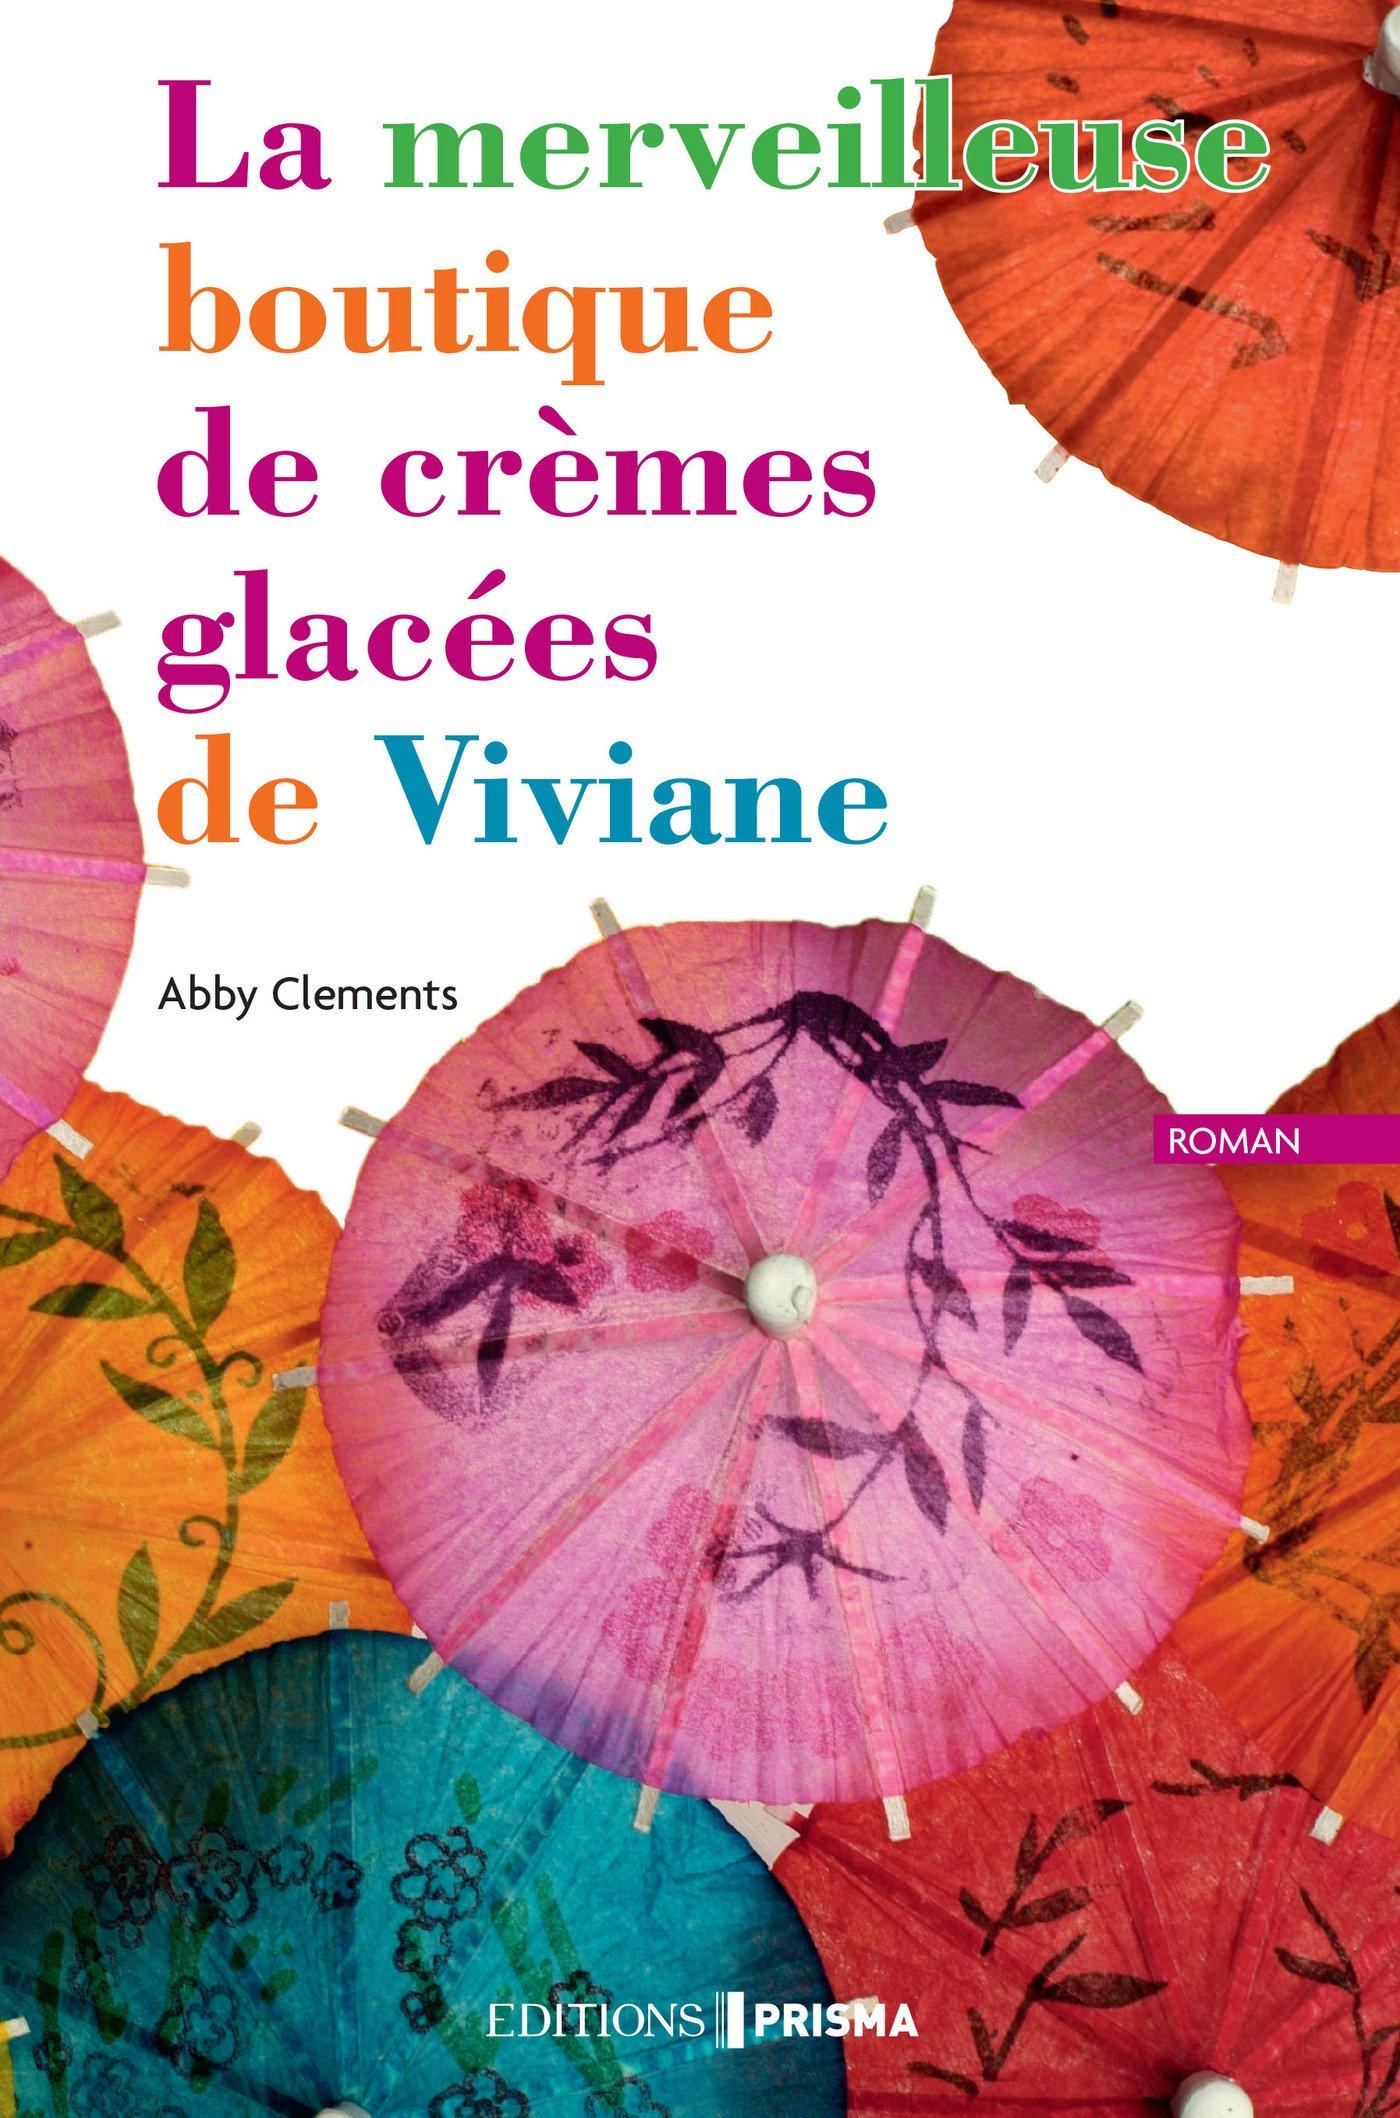 La merveilleuse boutique de crèmes glacées de Viviane - Abby Clements - Editions Prisma